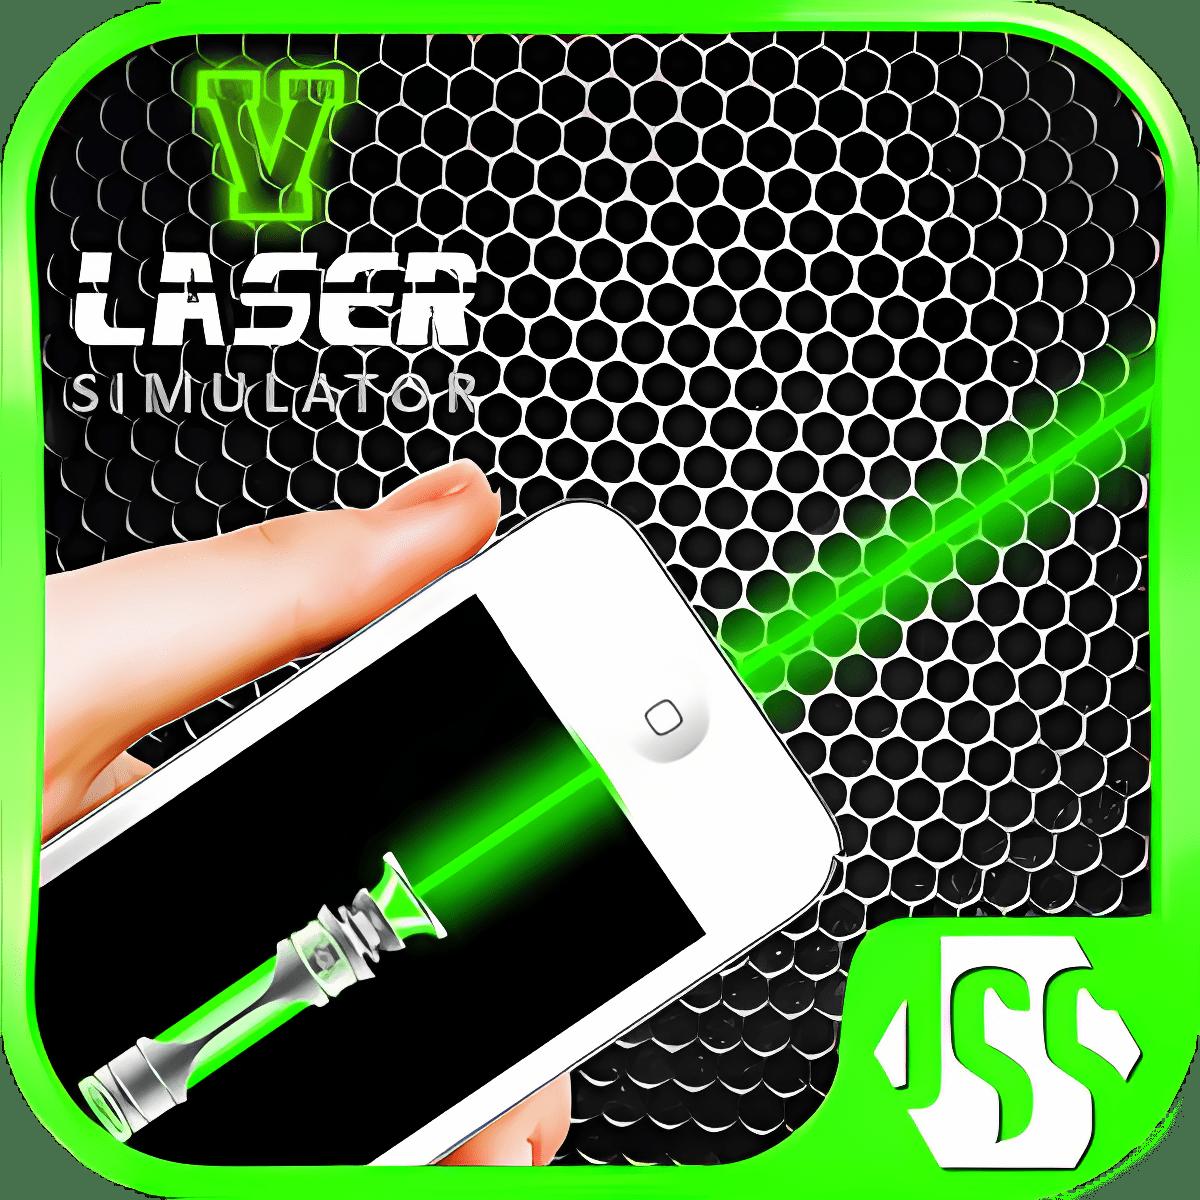 Laser Simulador V